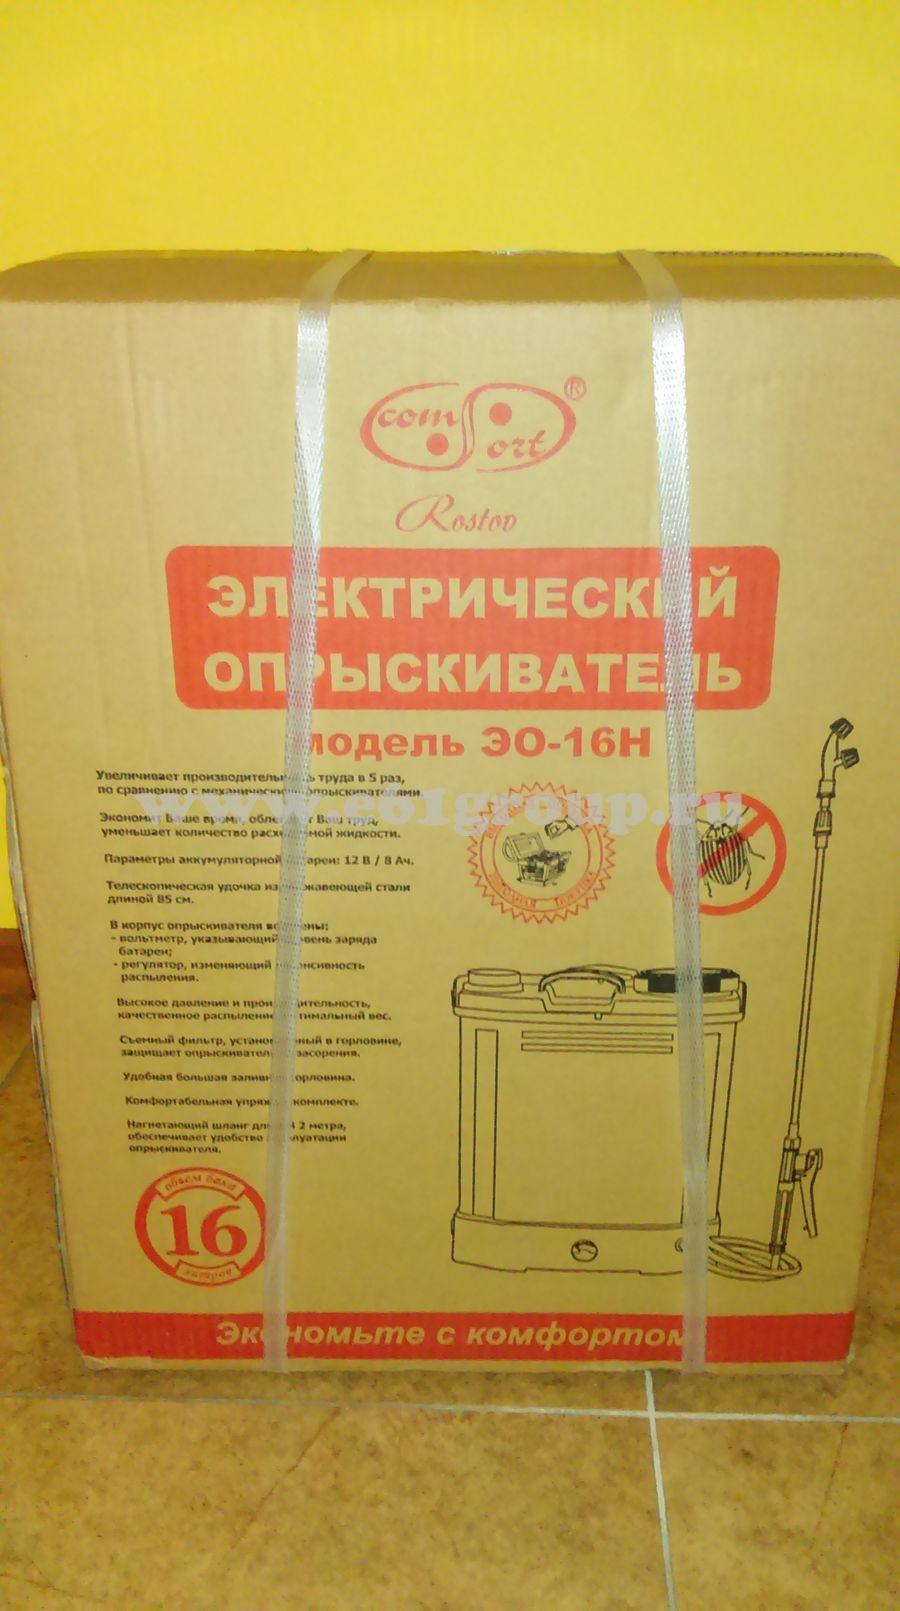 6_Опрыскиватель_электрический_Комфорт_Умница_ЭО-16Н_интернет_магазин.jpg